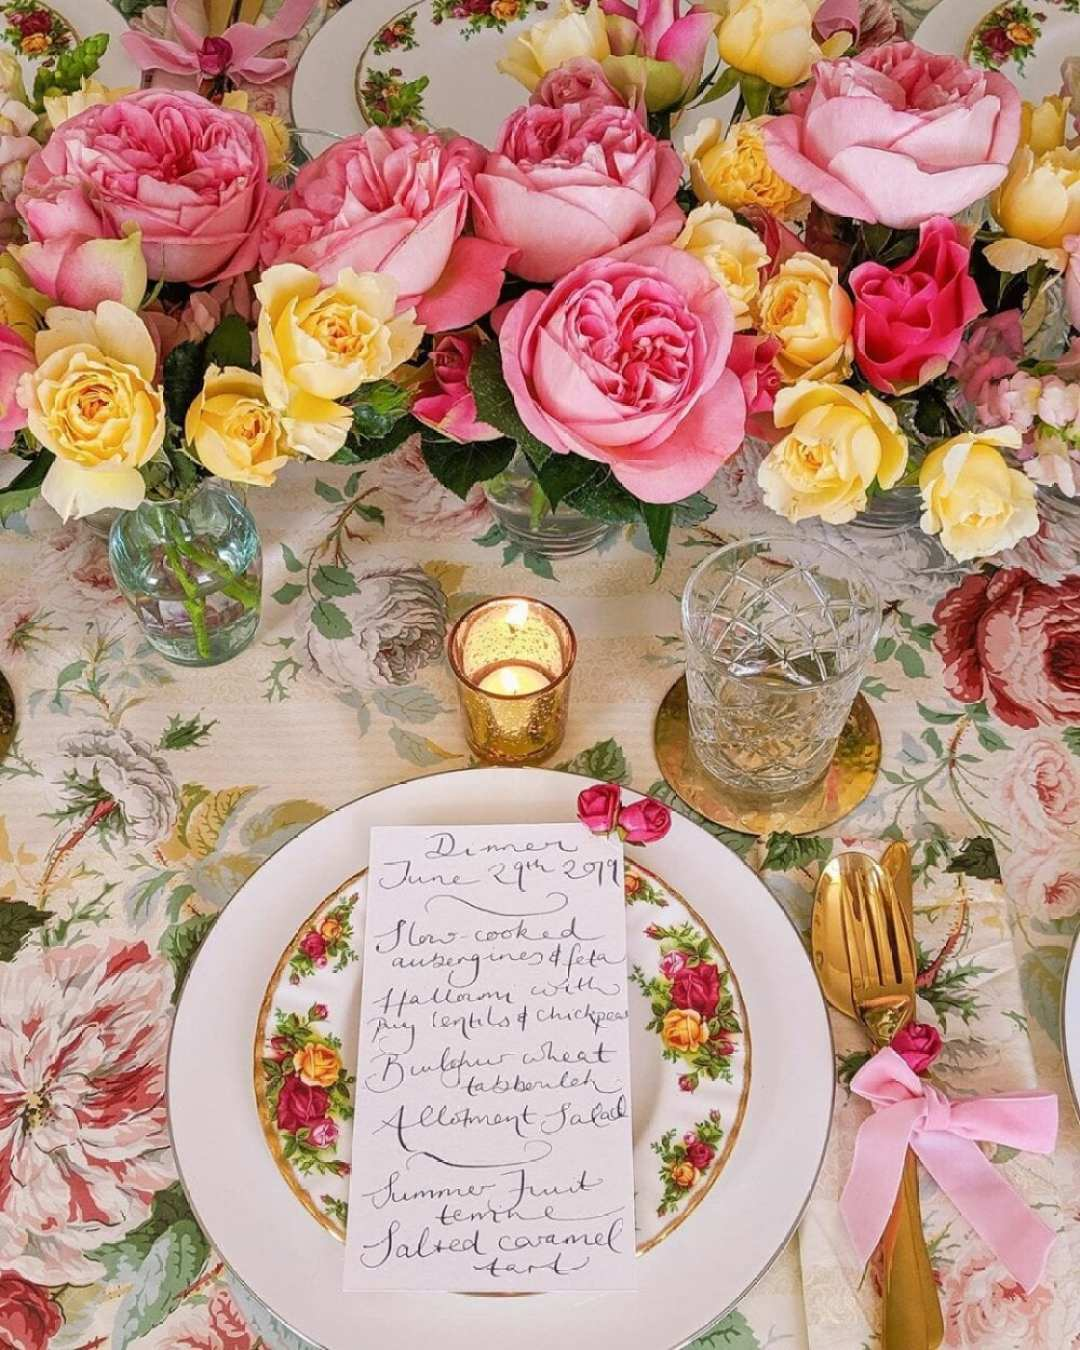 Mesa posta de Jantar Romântico de corada com rosas e menu feito a mão